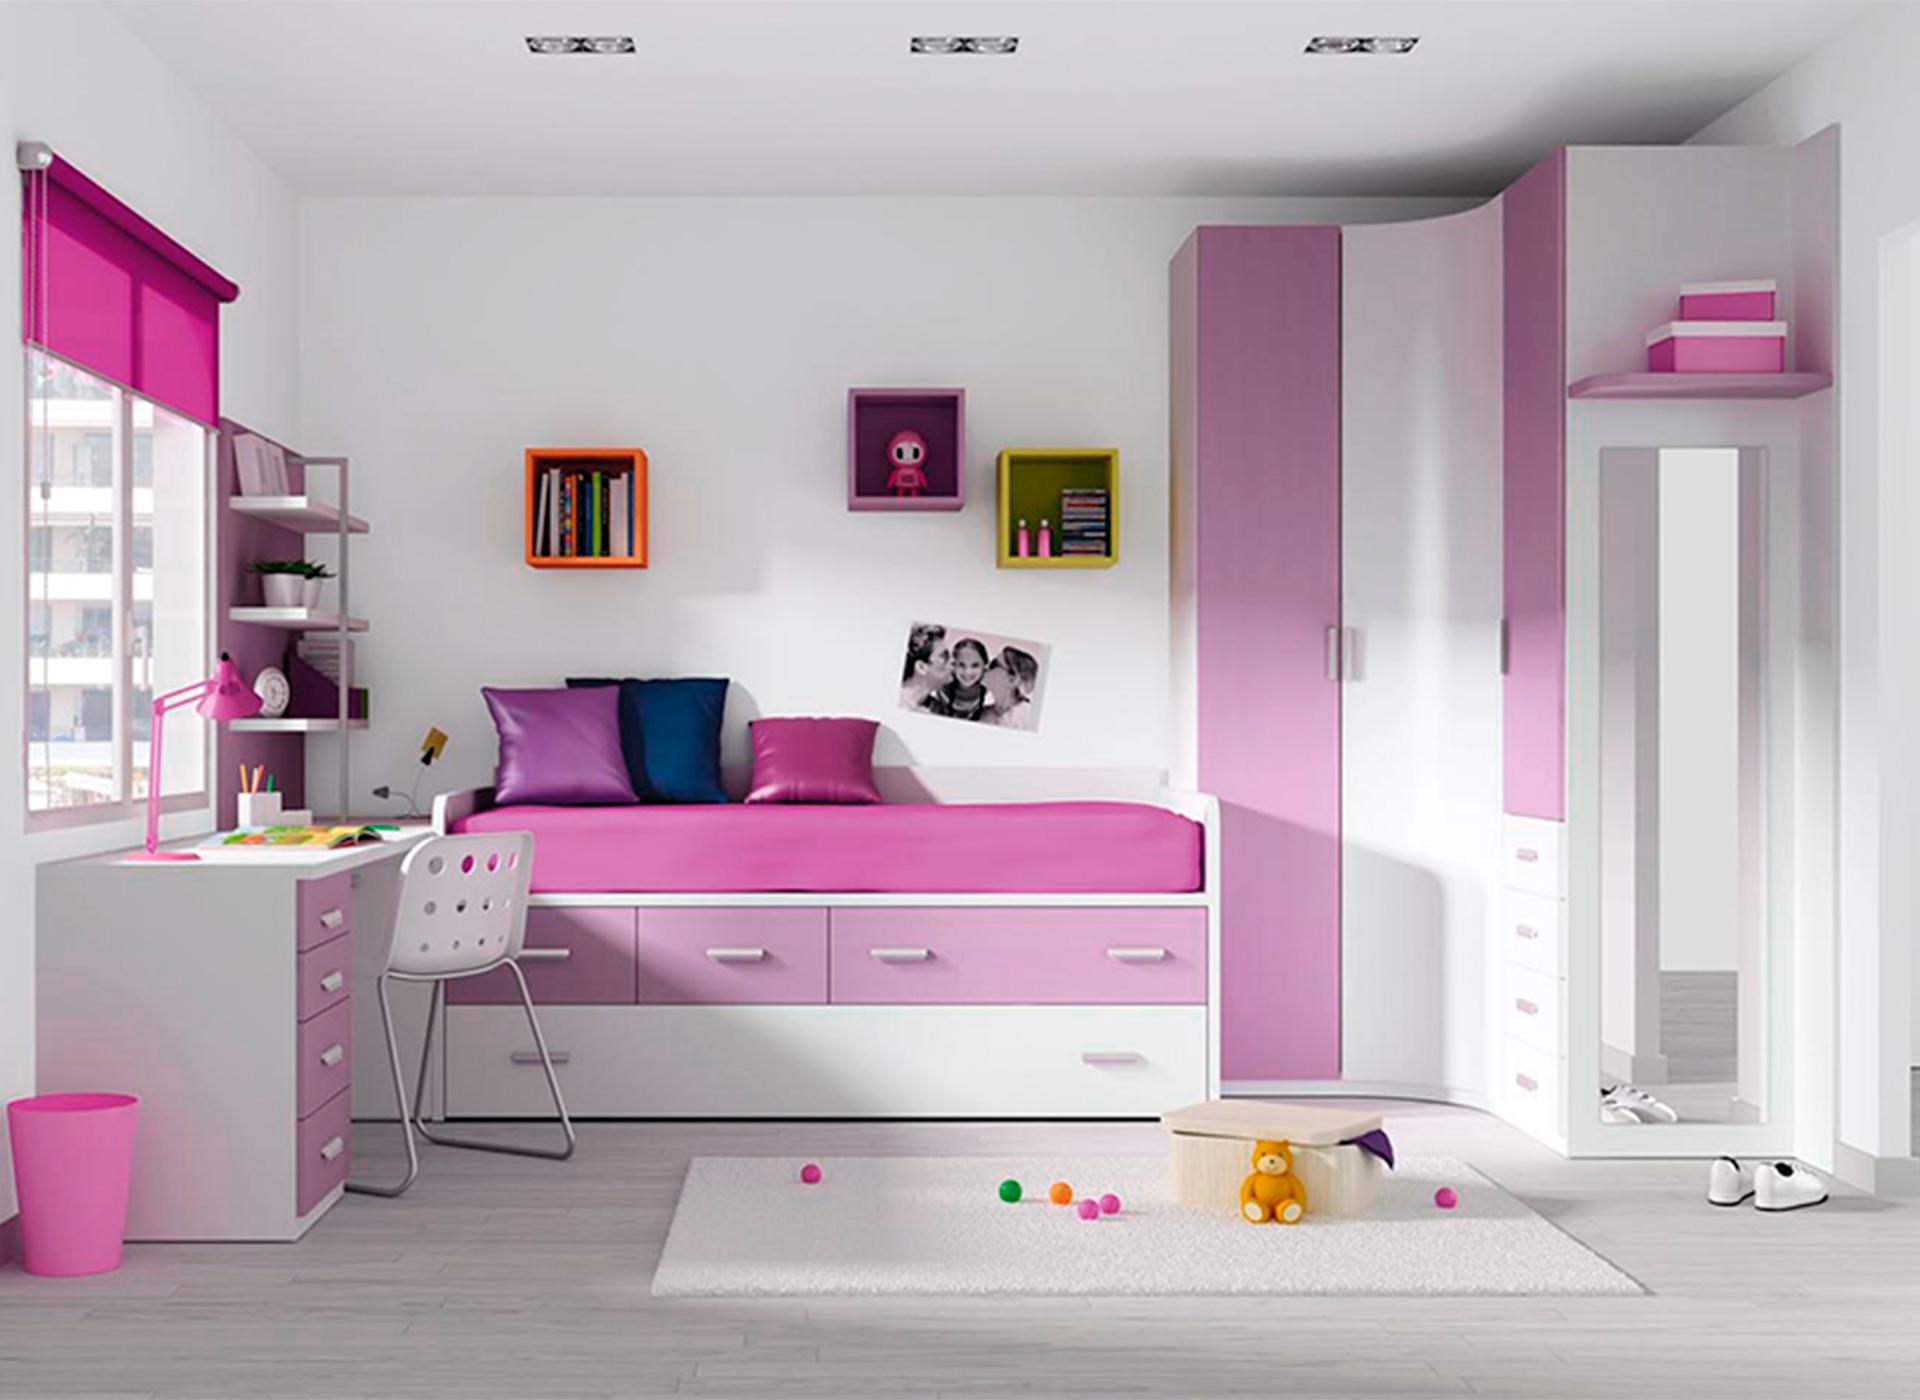 Muebles en logro o muebles baratos de buena calidad for Ofertas de muebles juveniles